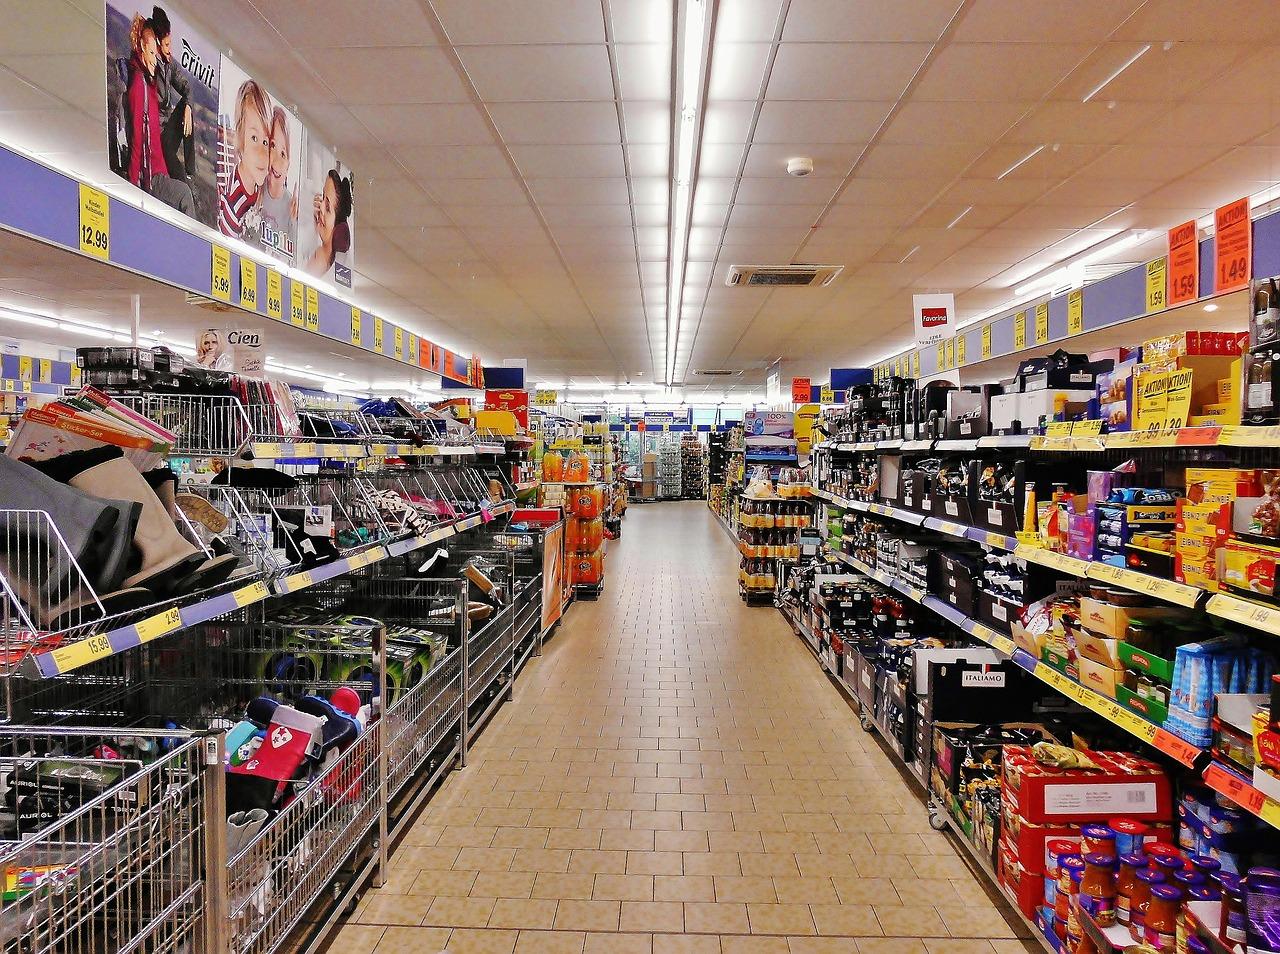 Vláda chce zakázať predaj nepotravinového tovaru v obchodných reťazcoch počas lockdownu